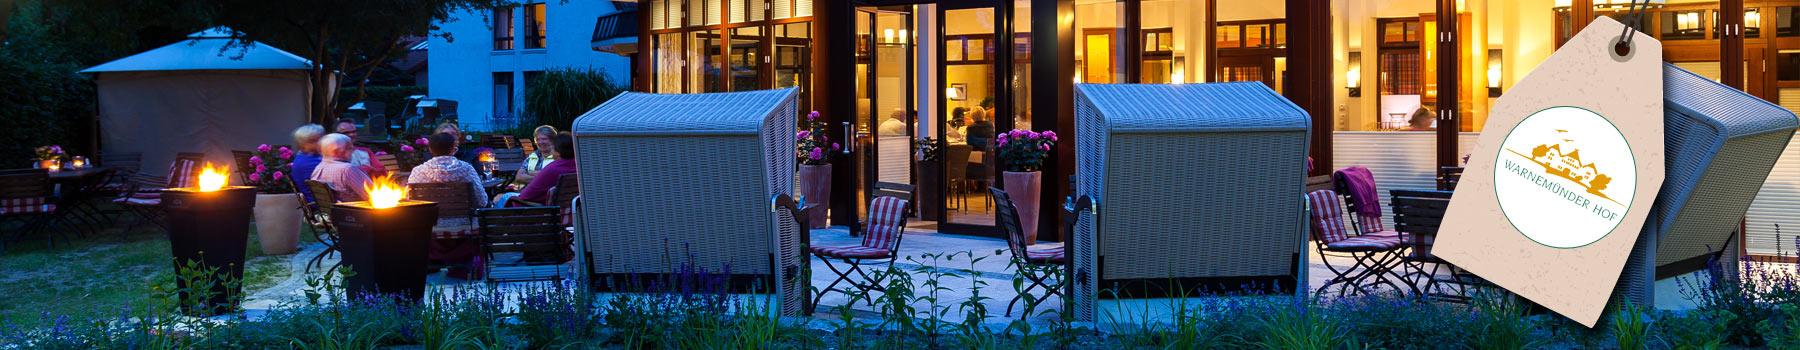 Angebote schmal - Hotel Warnemünder Hof